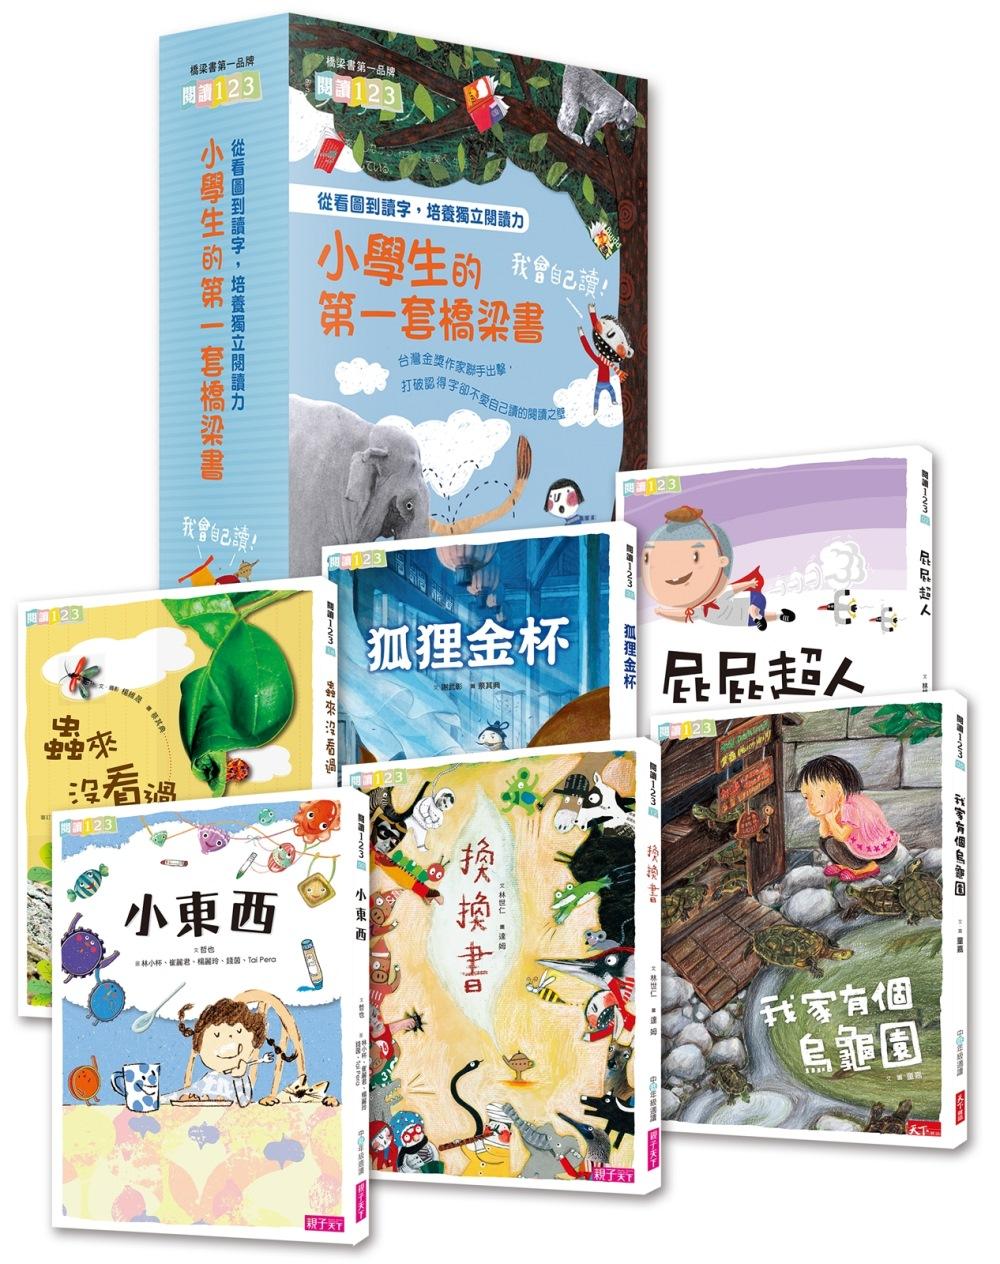 我會自己讀!小學生的第一套橋梁書(共6冊)